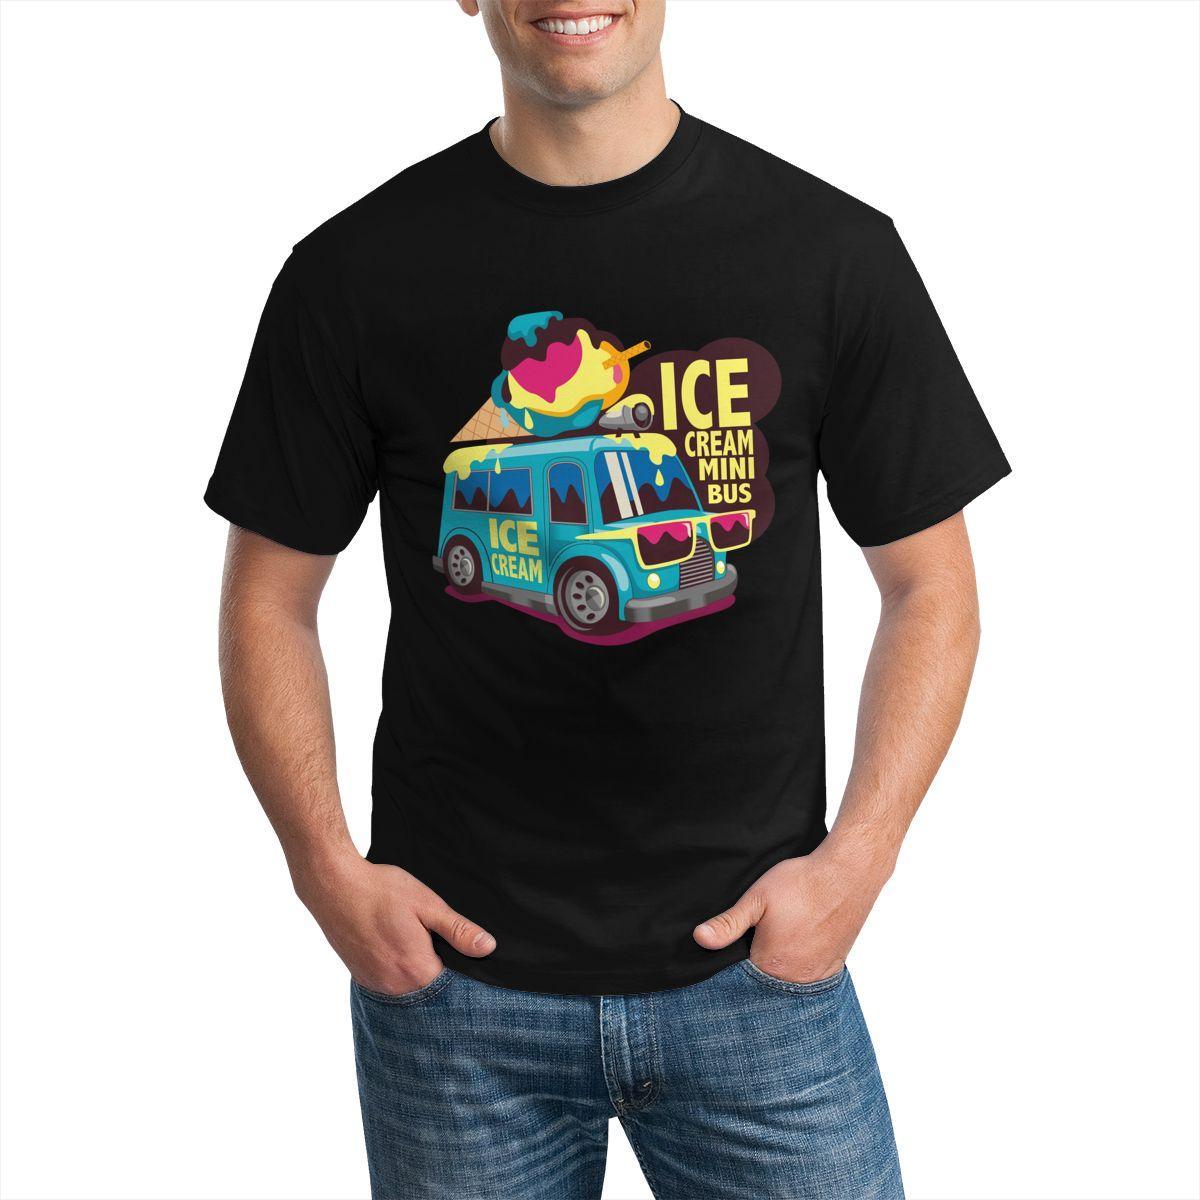 망 아이스크림 버스 티셔츠 디자인 스트리트 스타일 인쇄 남성 하라주쿠 티셔츠 O 넥 스웨터